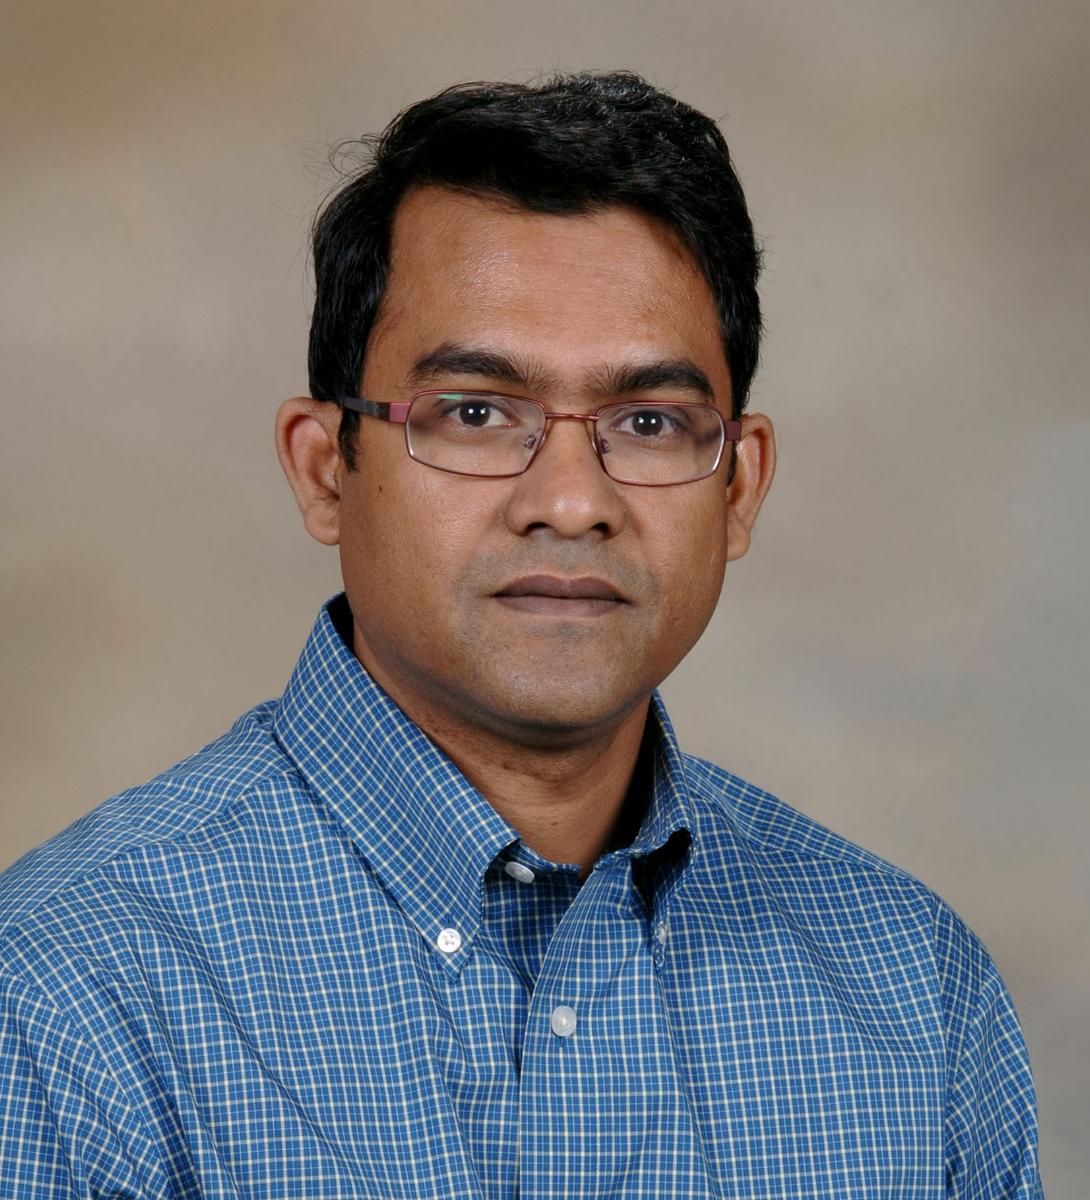 Md. Shenuarin Bhuiyan Ph.D.